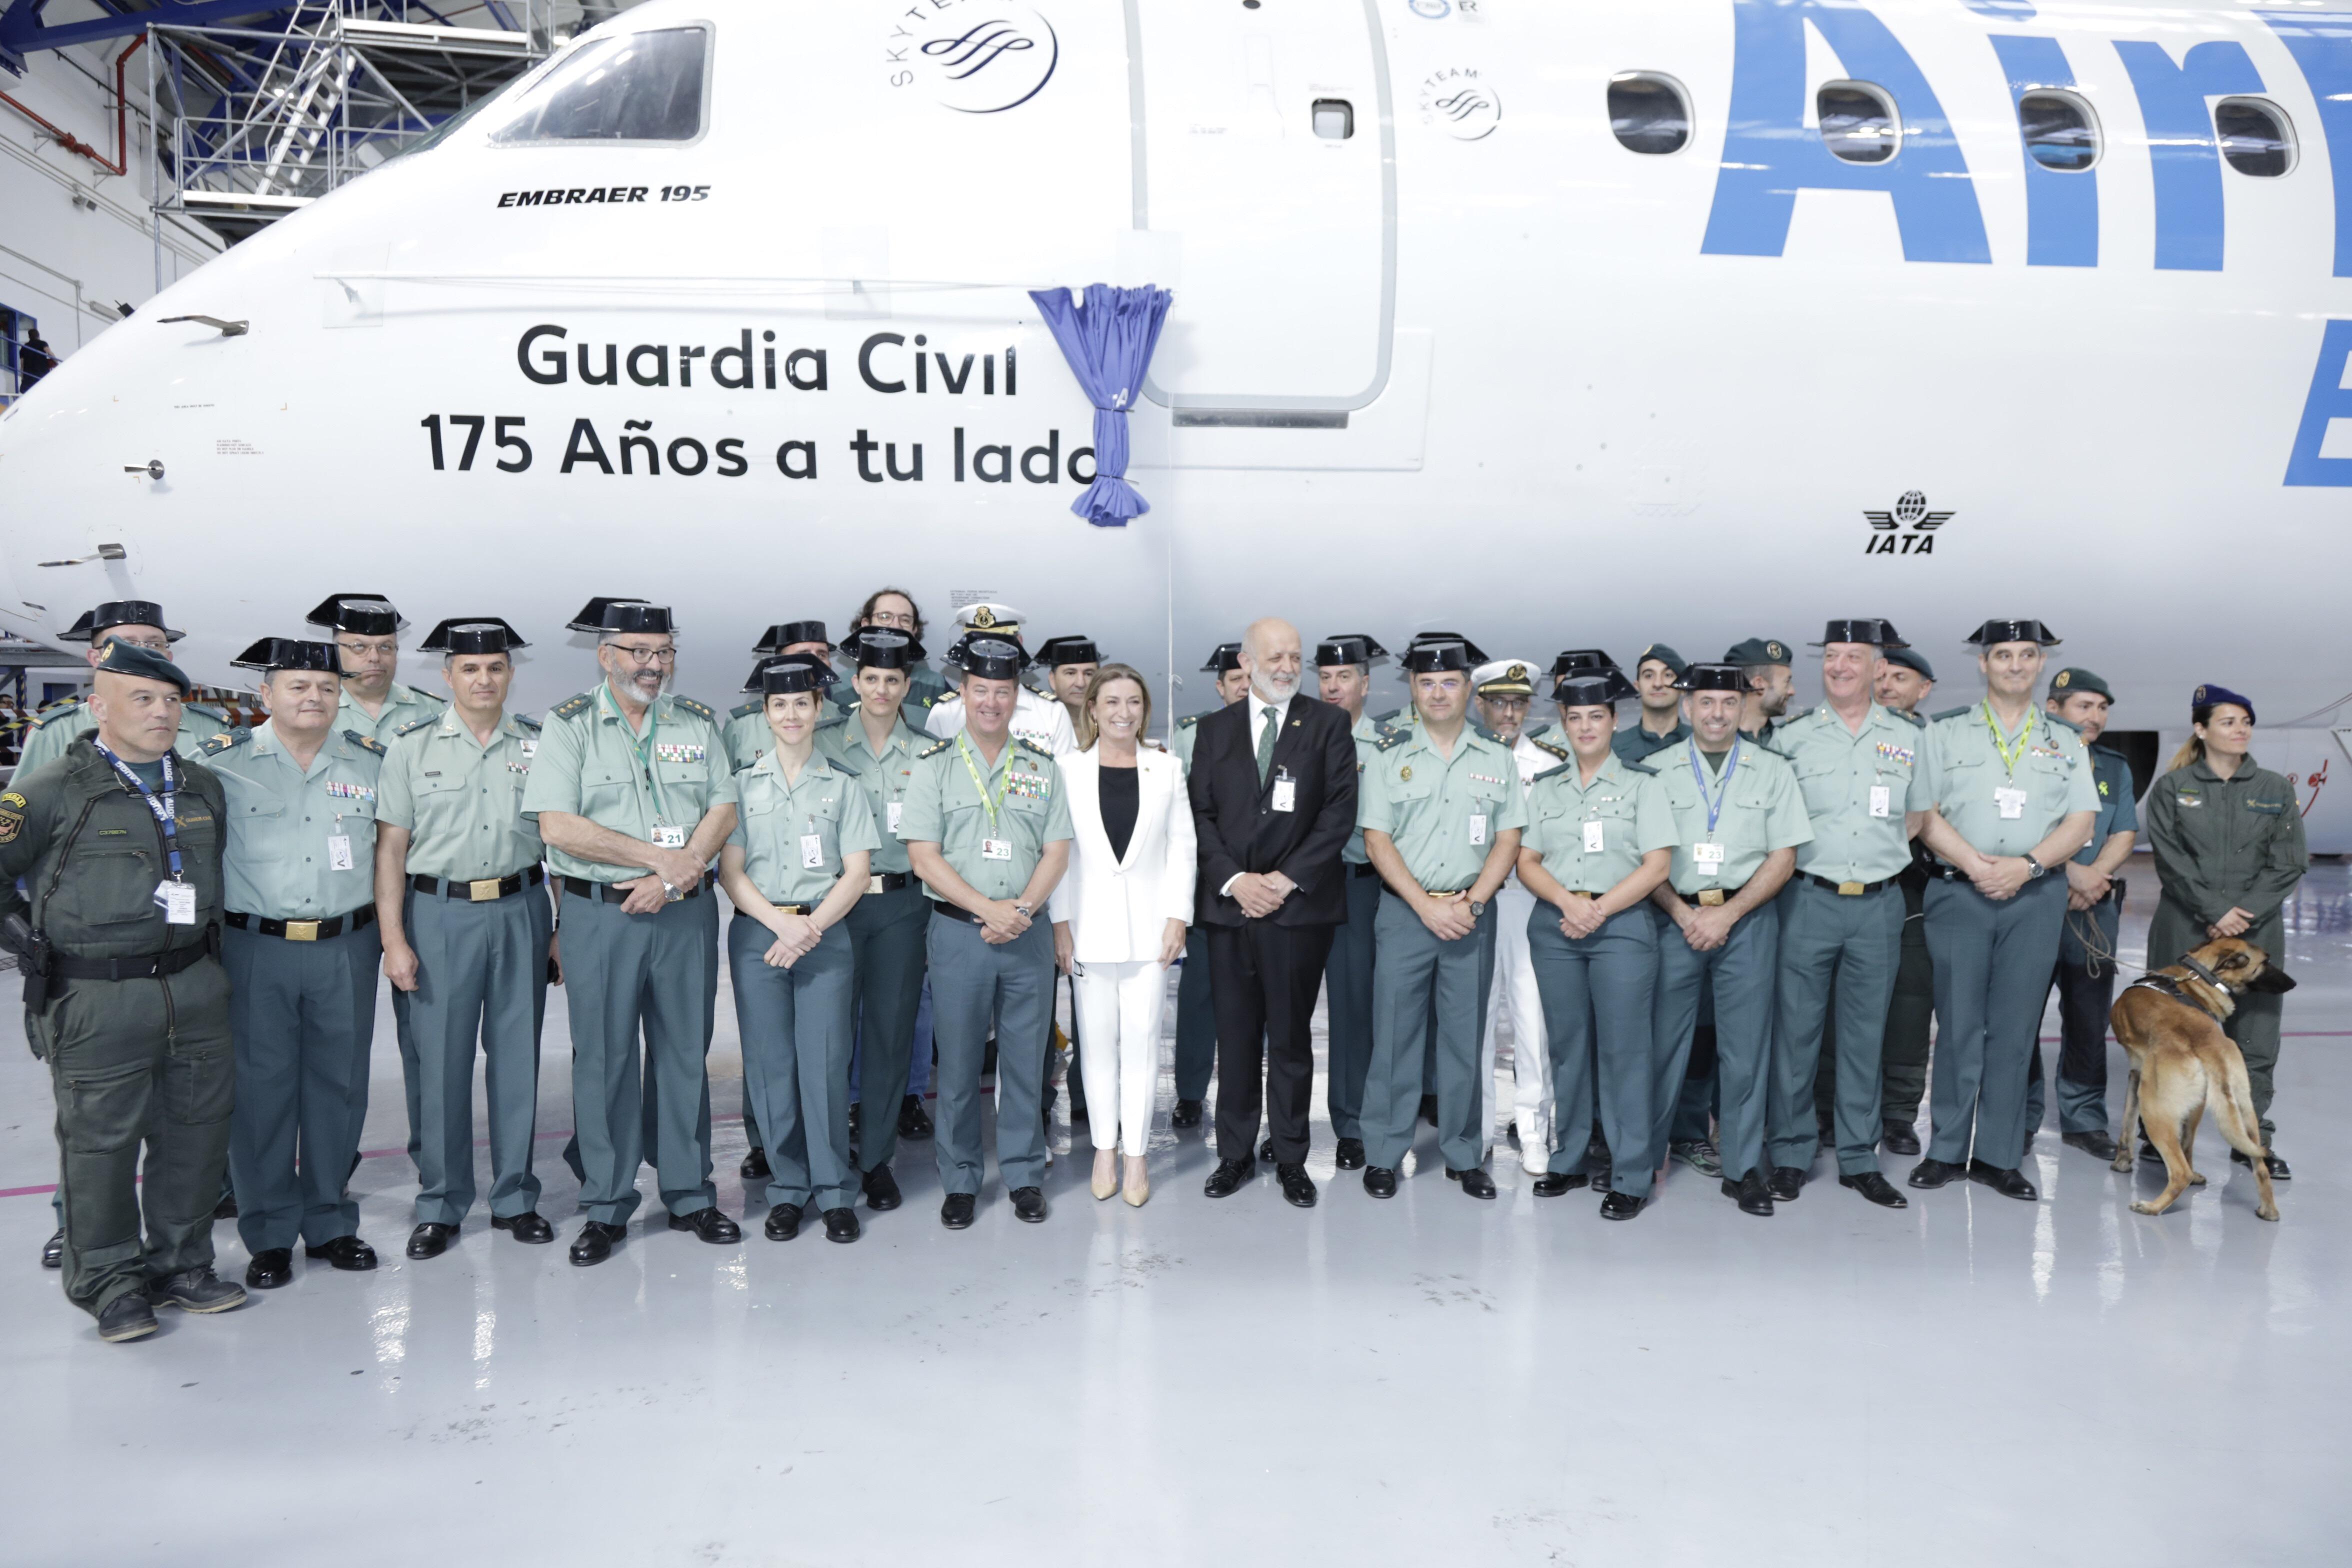 Air Europa homenajea a la Guardia Civil en su aniversario